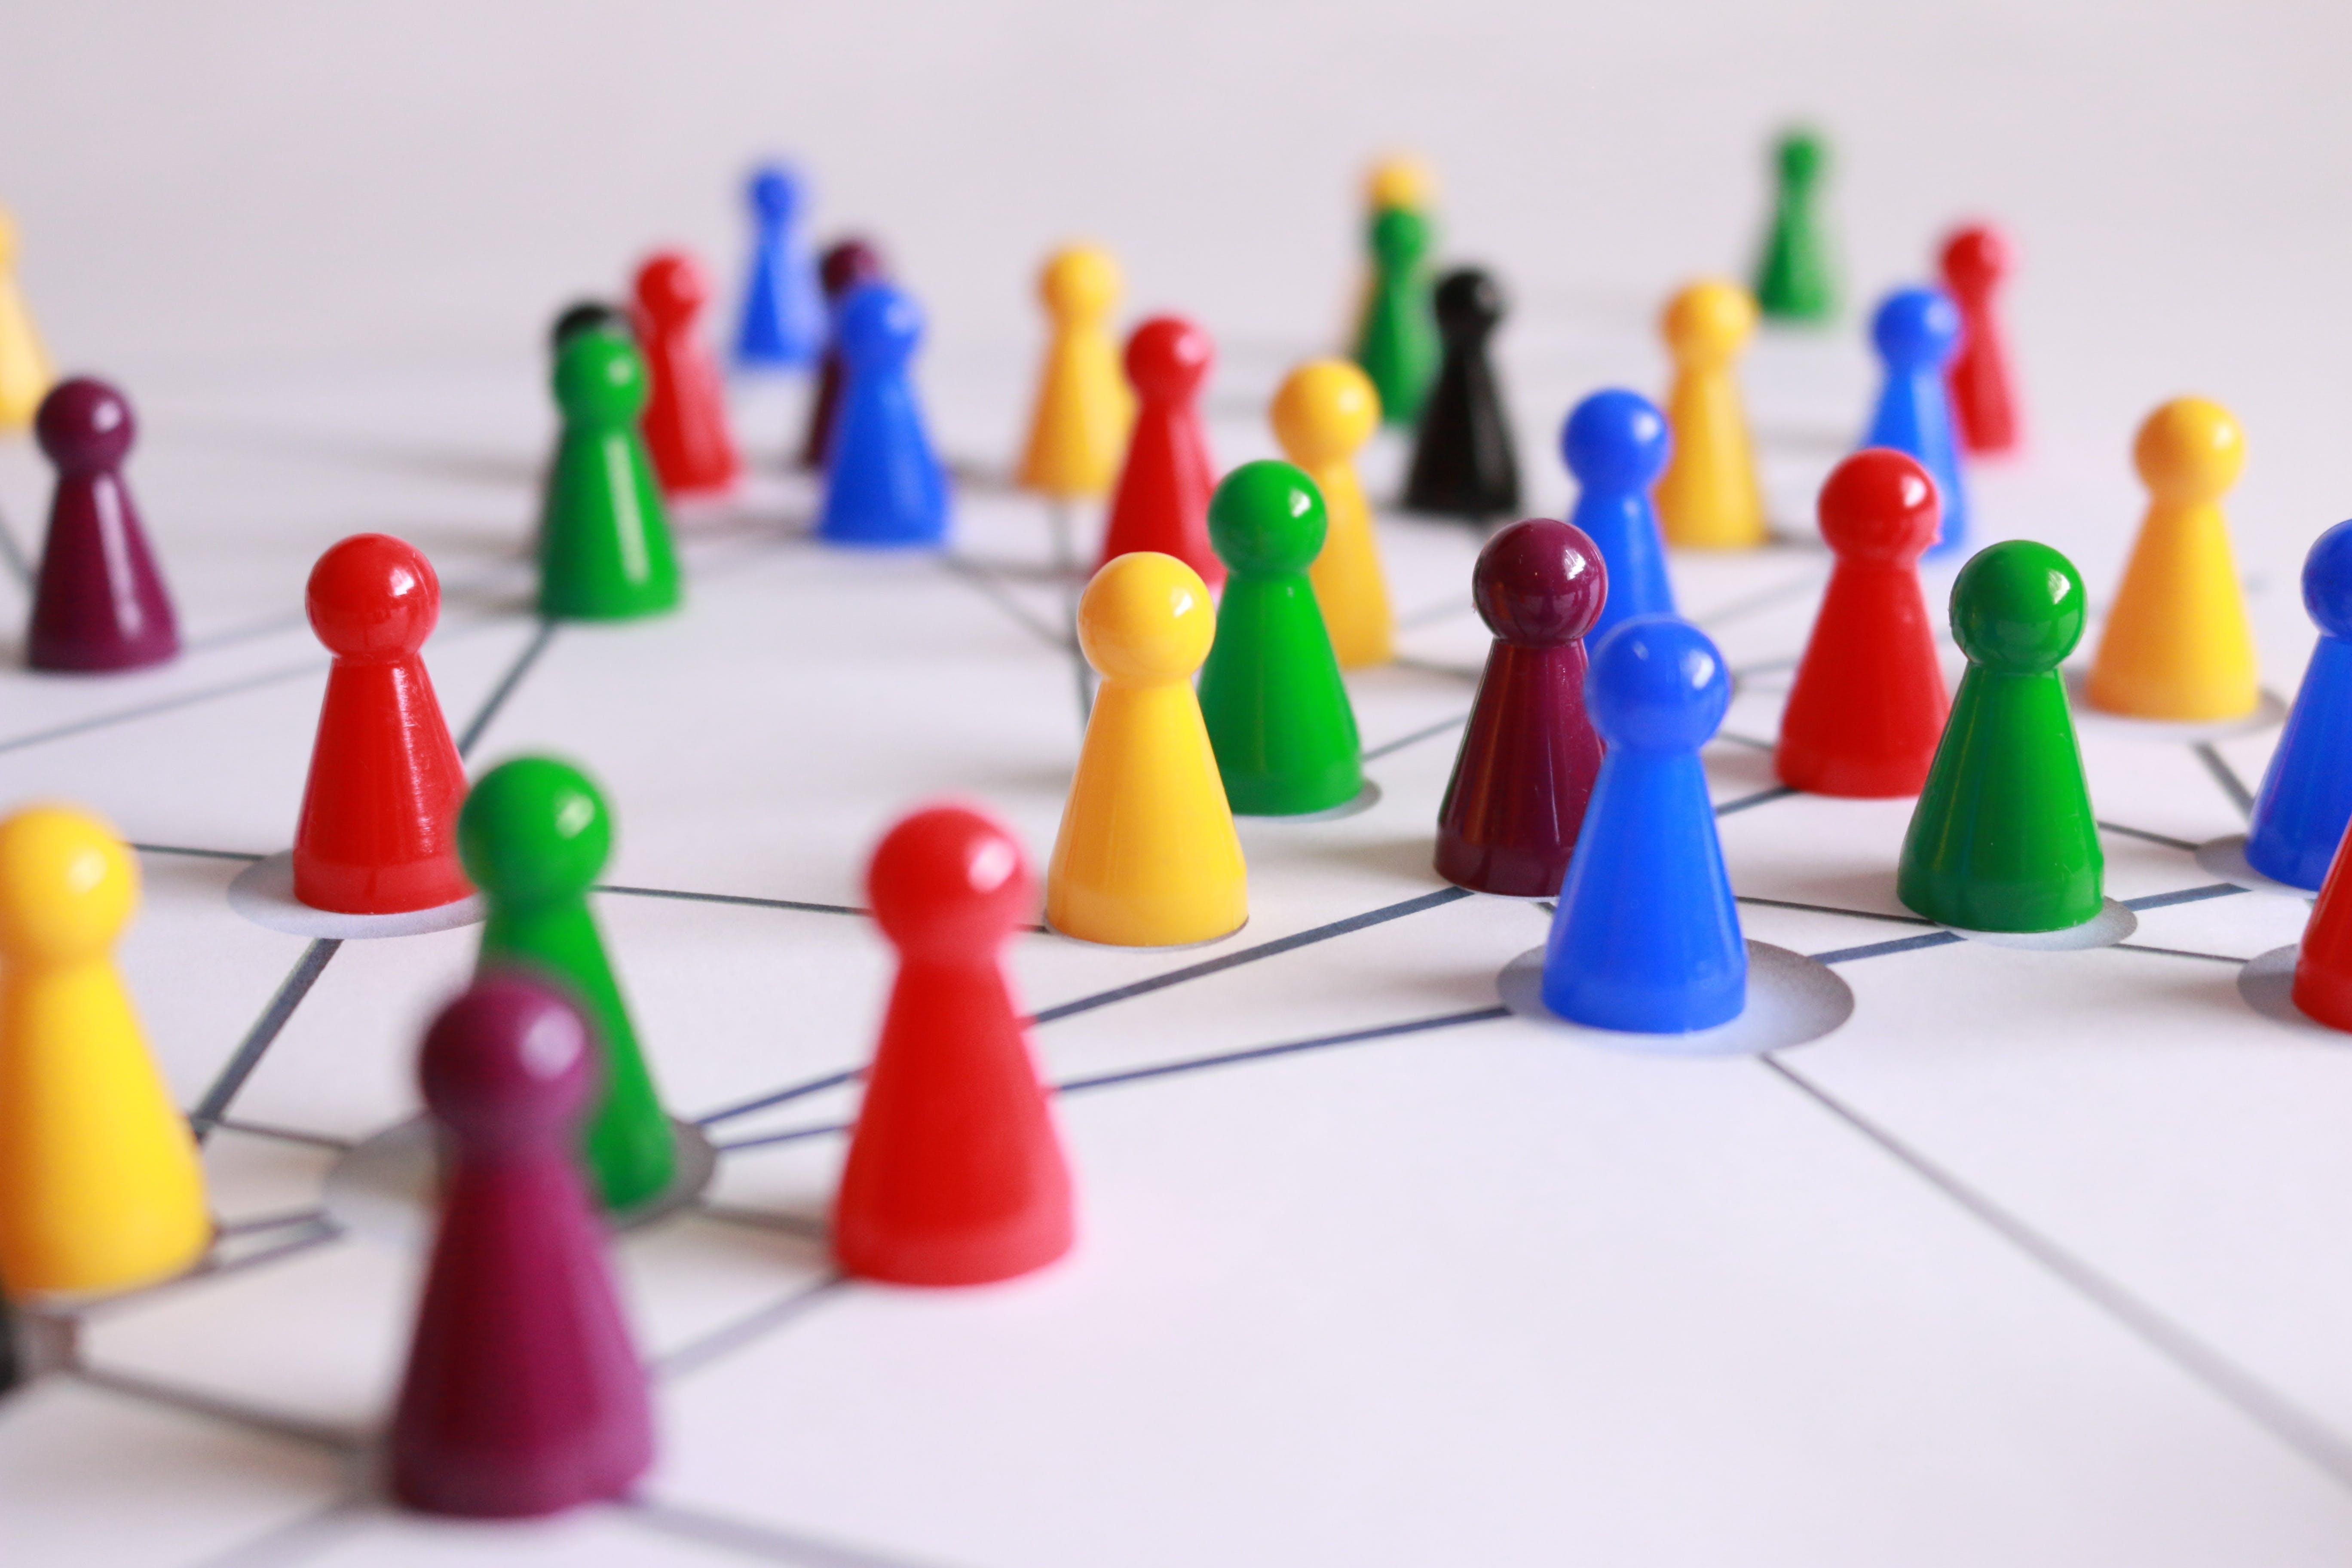 Foto stok gratis angka, bekerja sama, beraneka ragam, bermain